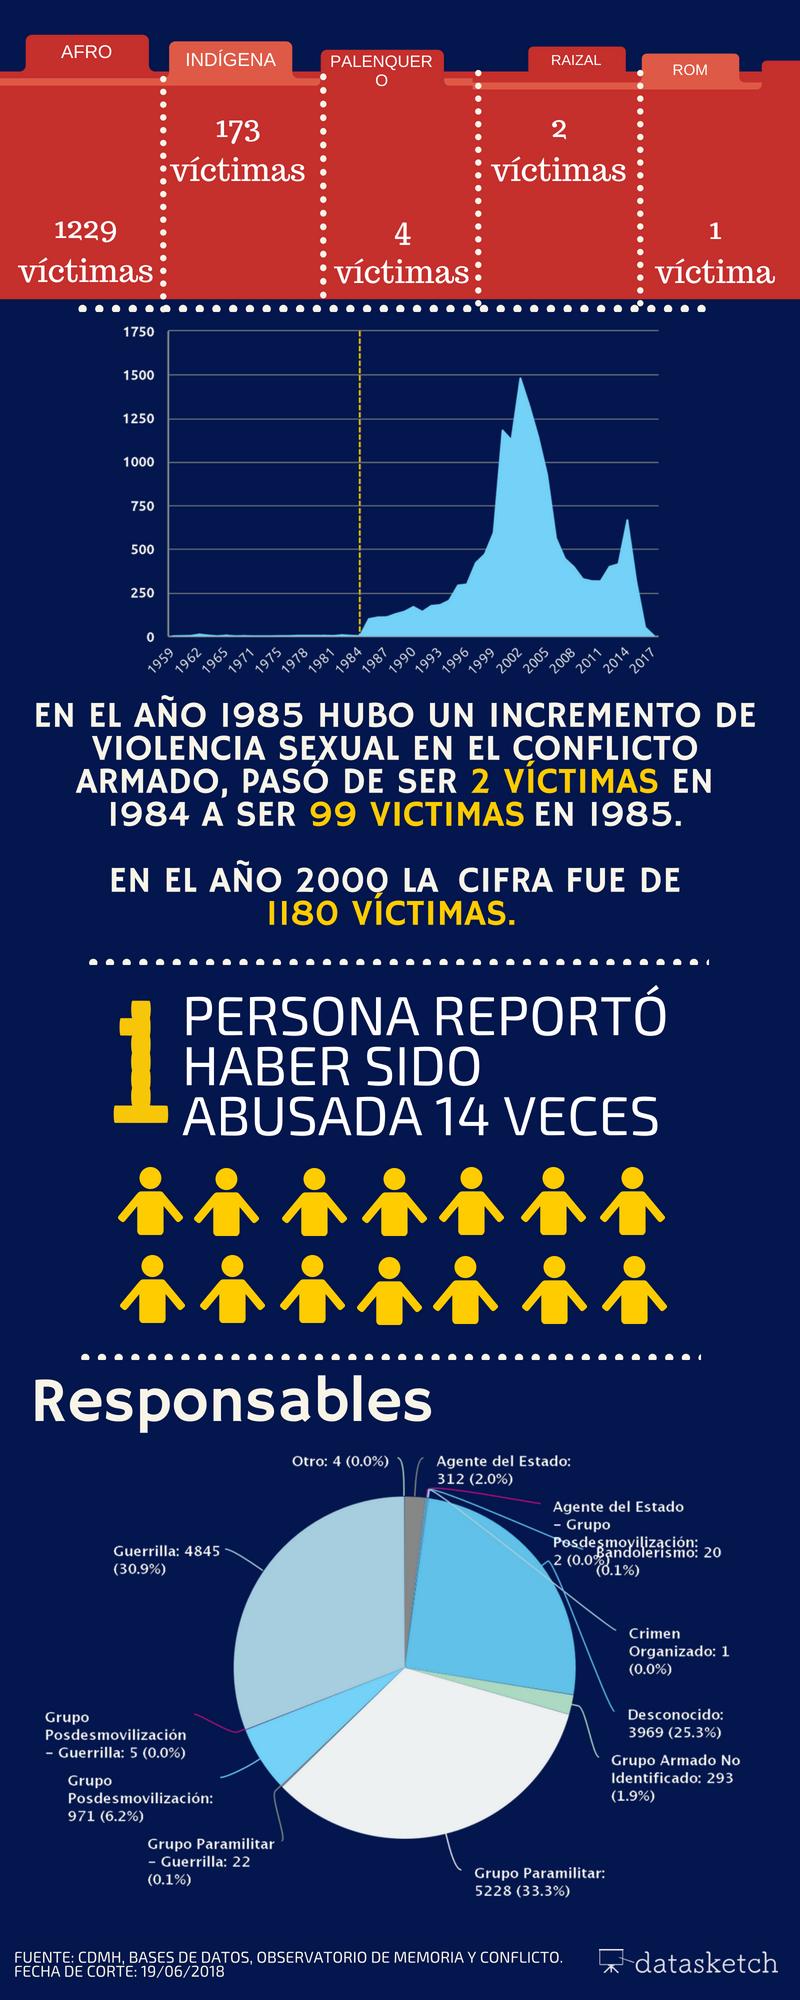 Violencia sexual en el conflicto armado en Colombia 2